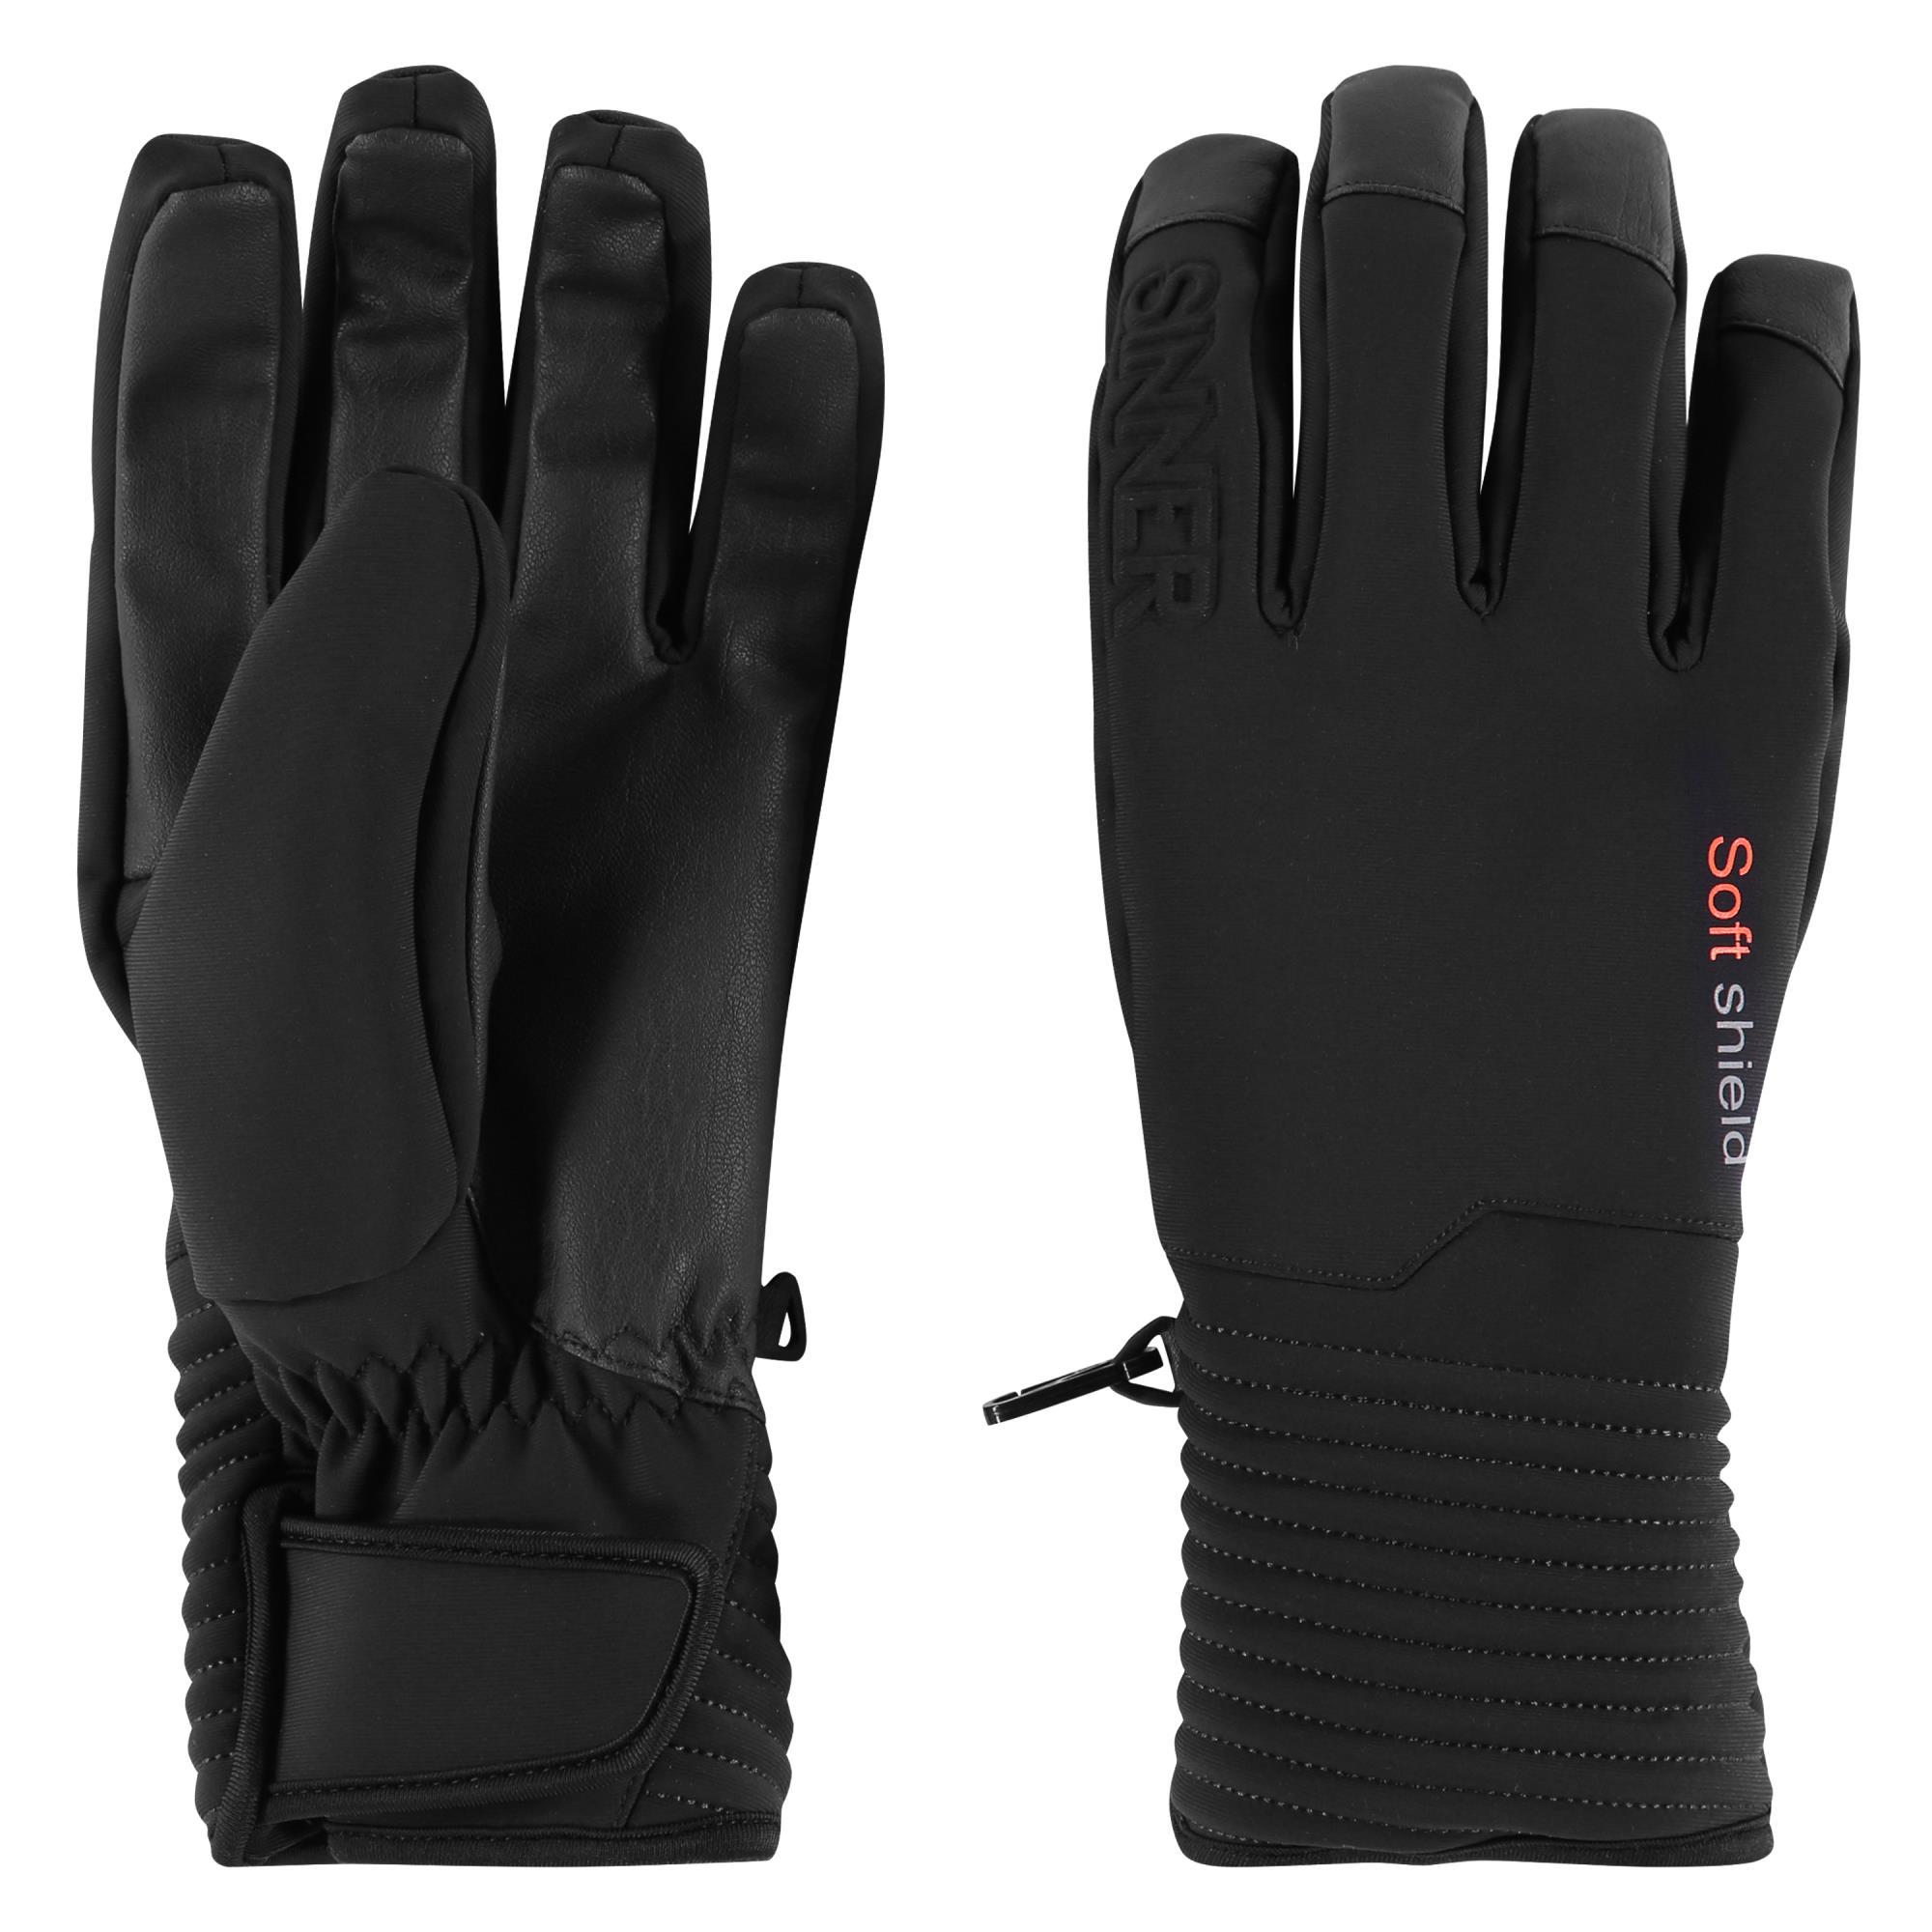 Sinner Ski Mont Handschoenen - Zwart - Maat 8